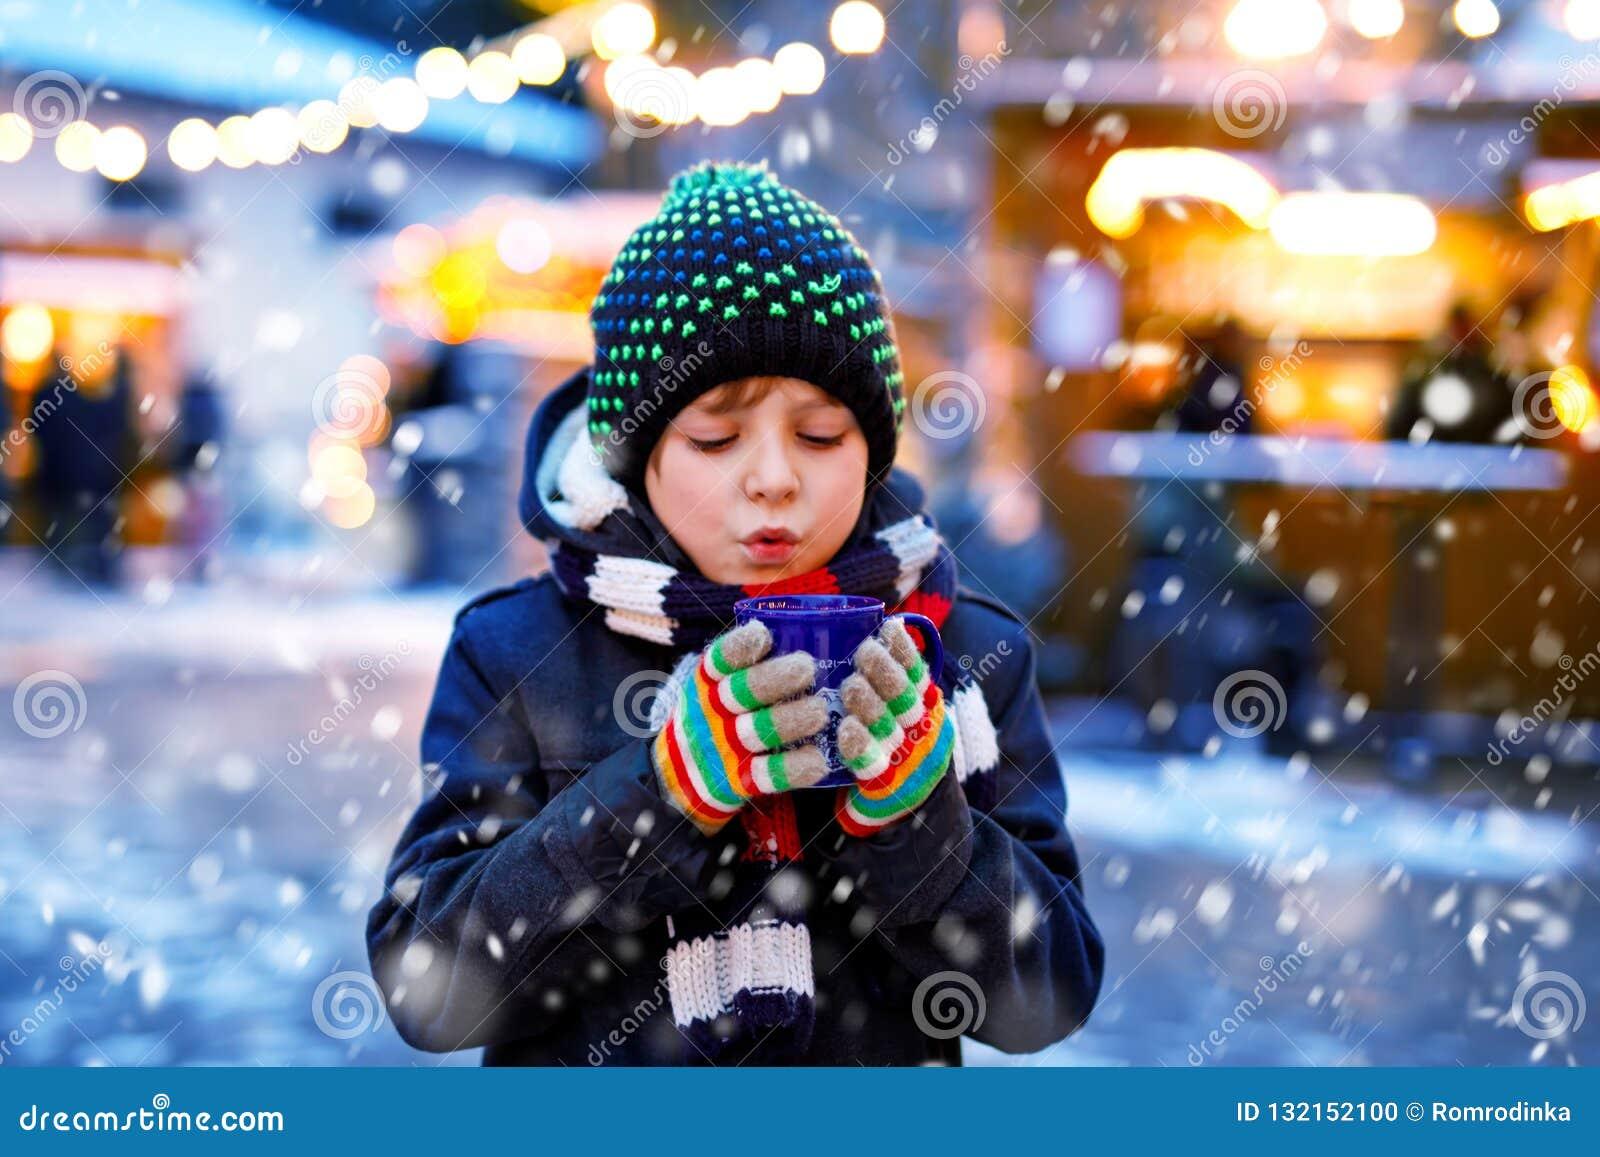 喝热的儿童拳打或巧克力在德国圣诞节市场上的小逗人喜爱的孩子男孩 传统的愉快的孩子